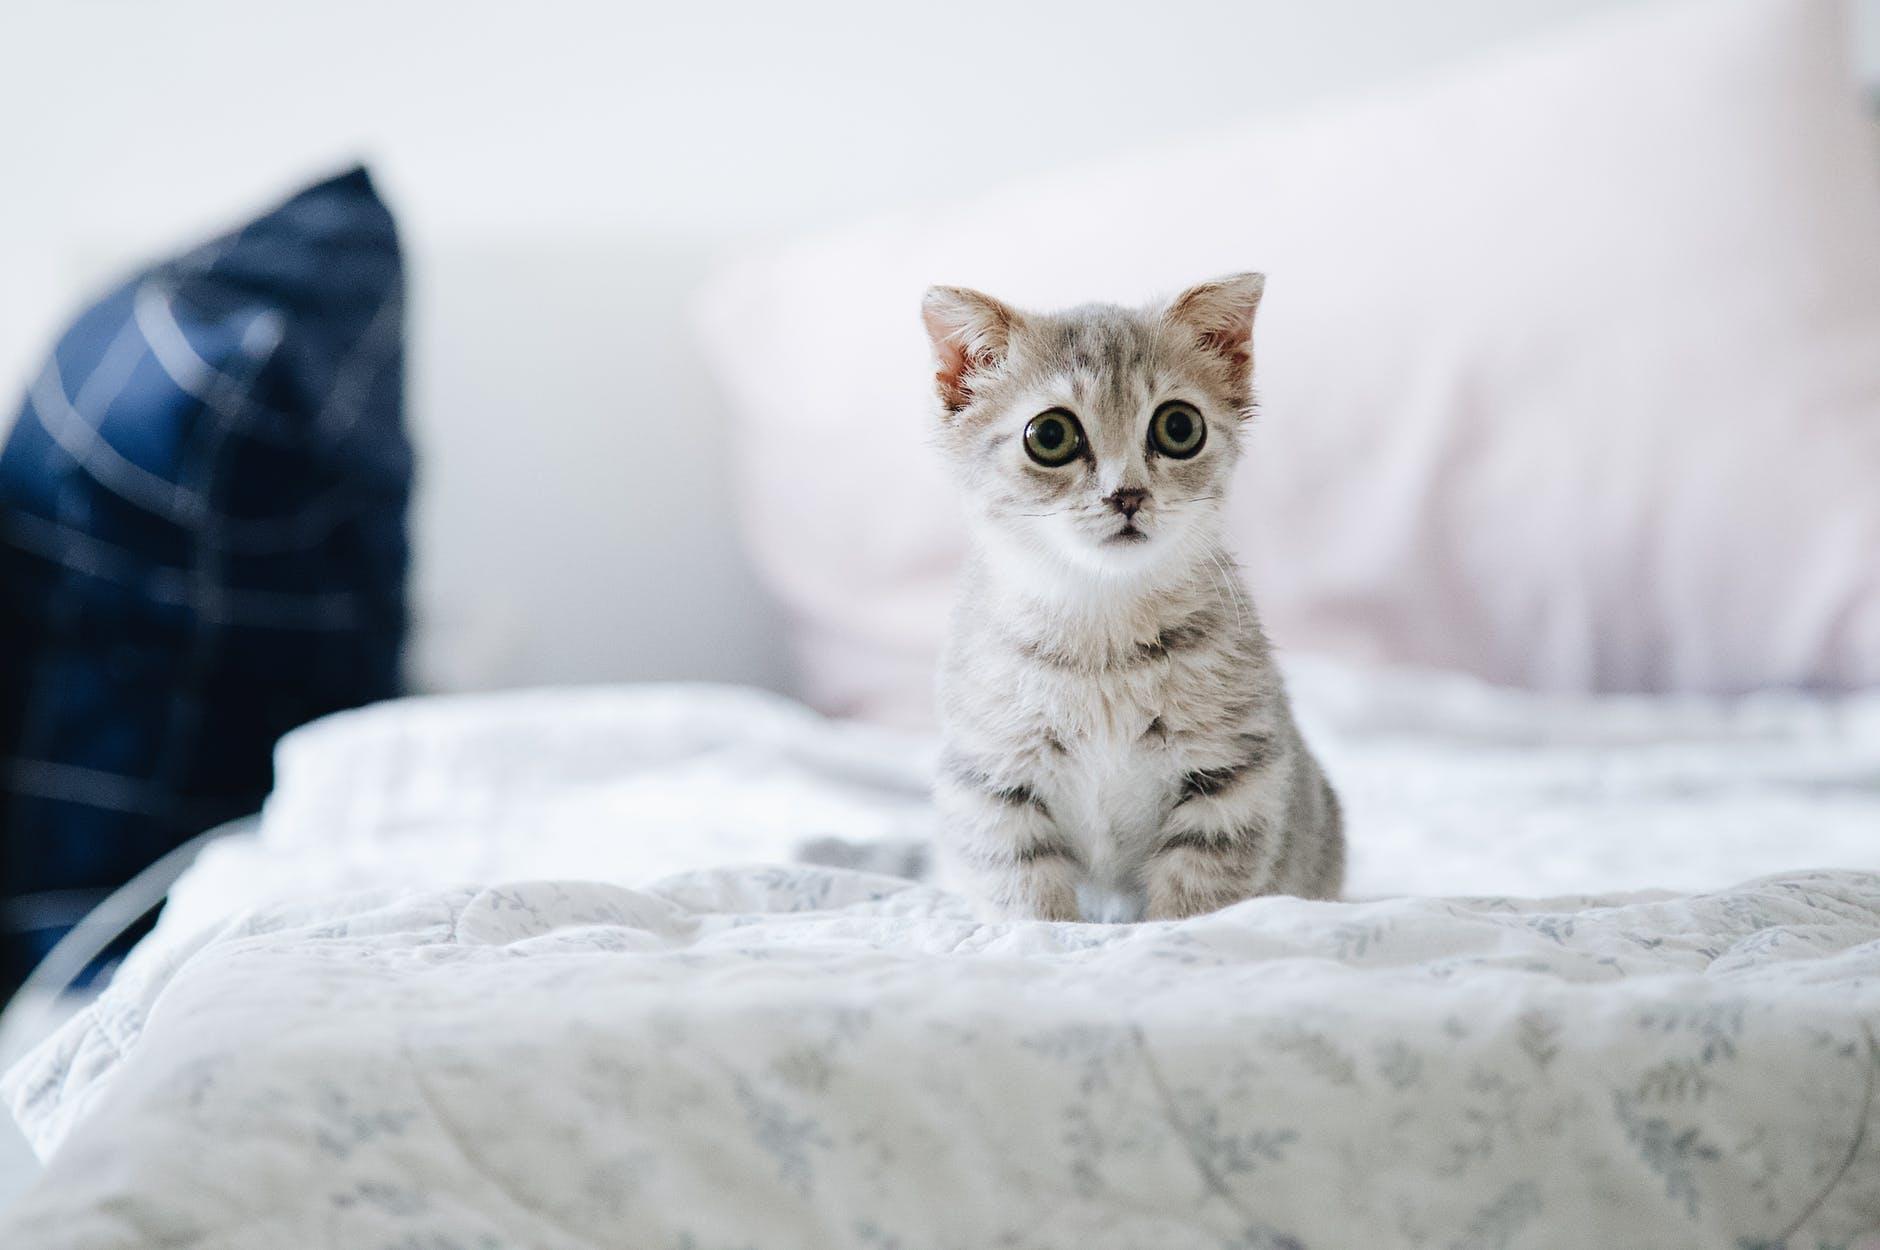 Comment adopter un chat? Préparez-vous à leur arrivée